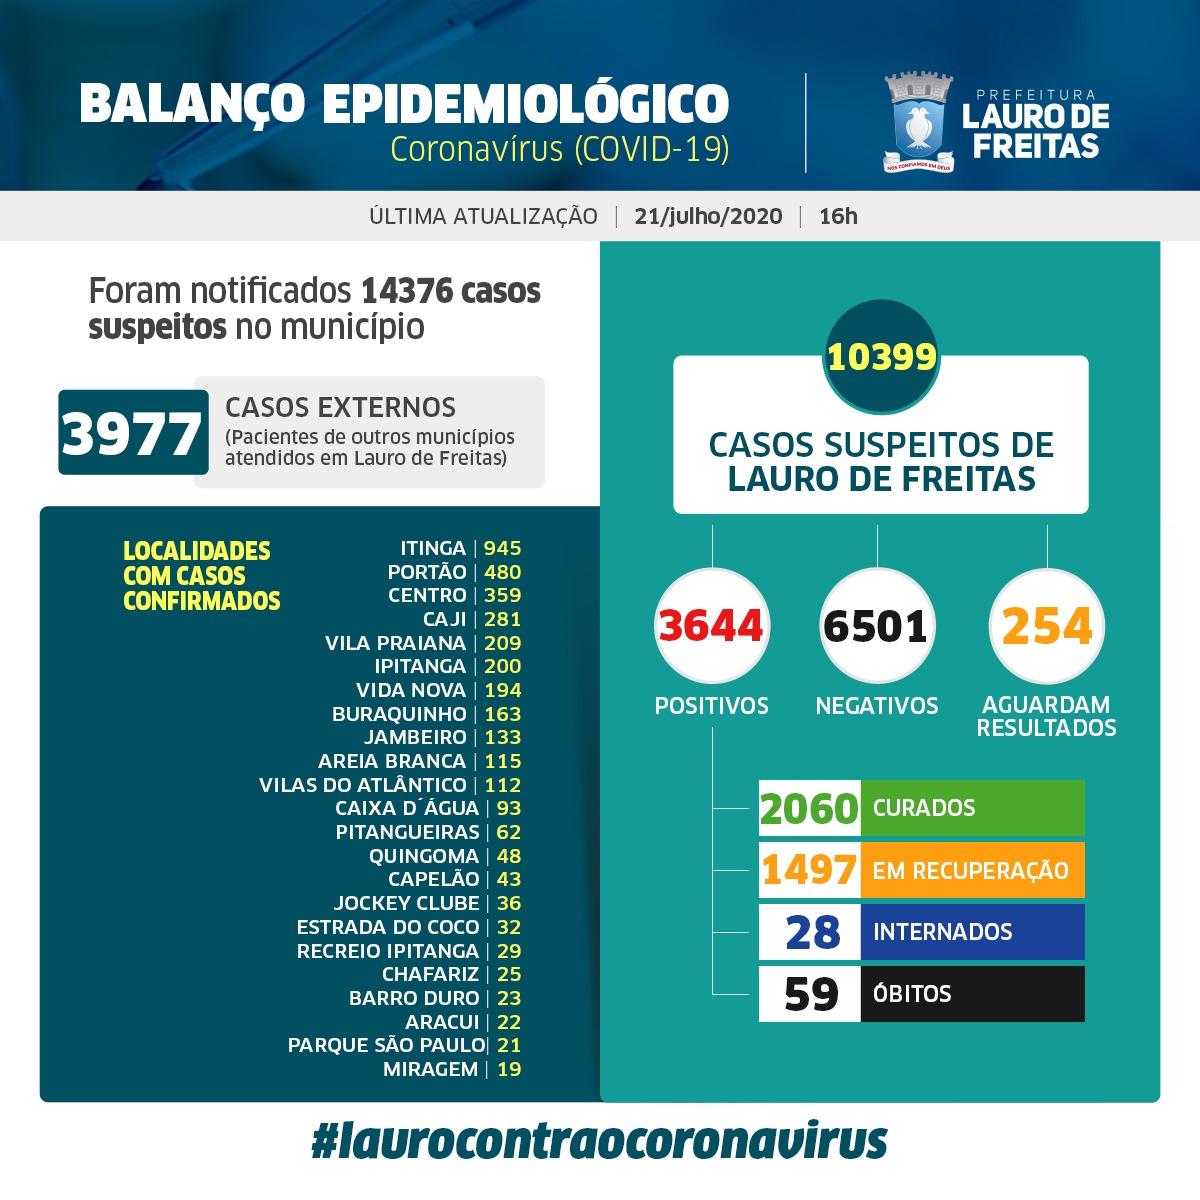 Lauro de Freitas tem hoje 2060 pessoas curadas da Covid-19